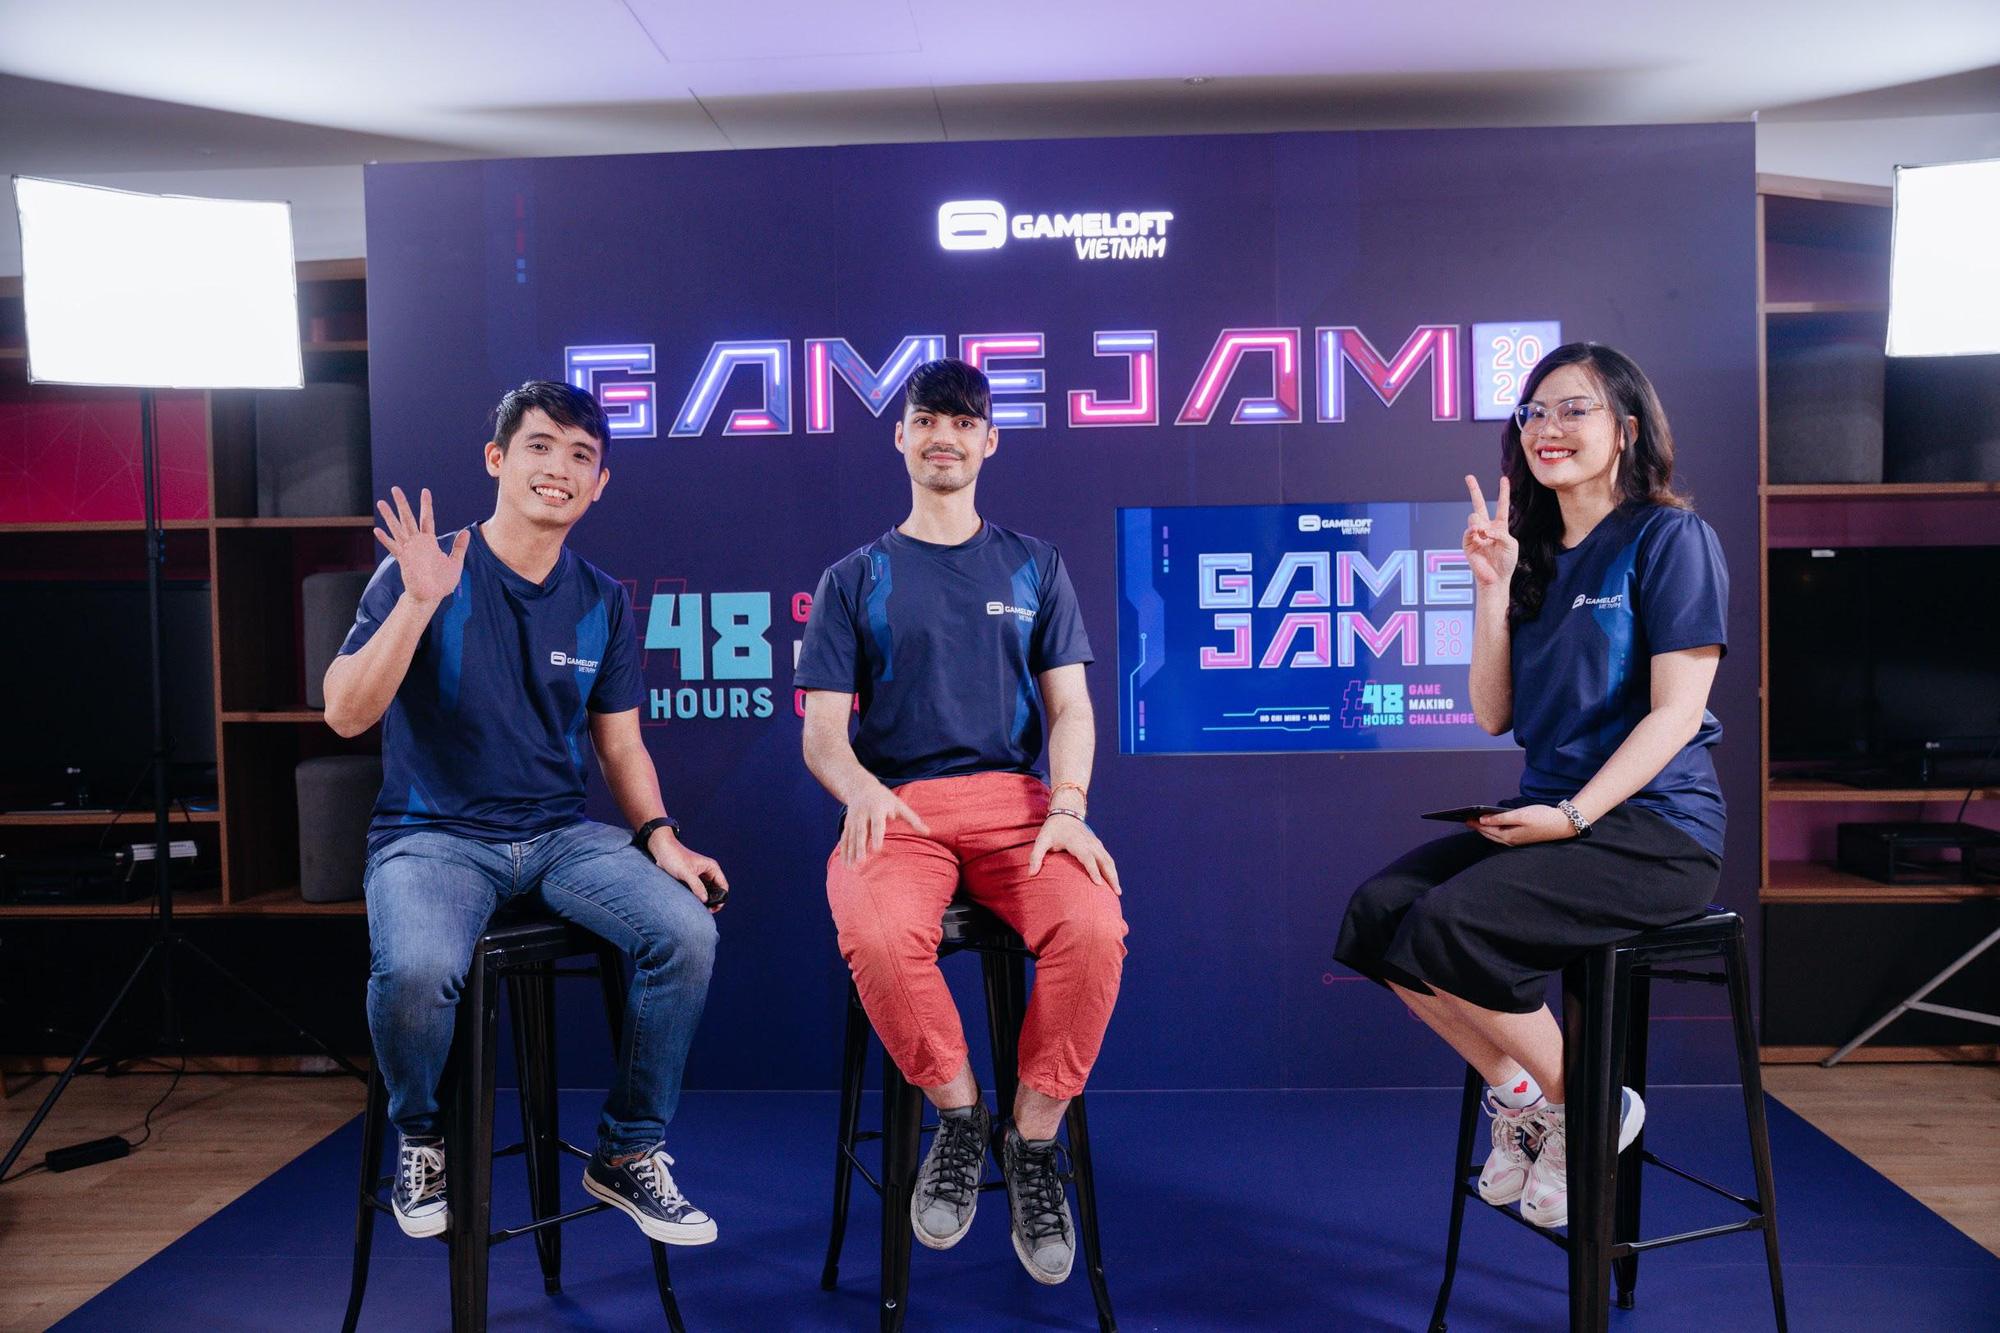 """Với chủ đề """"Life at home"""", nhiều ý tưởng đột phá ra đời tại Game Jam 2020 - Ảnh 2."""